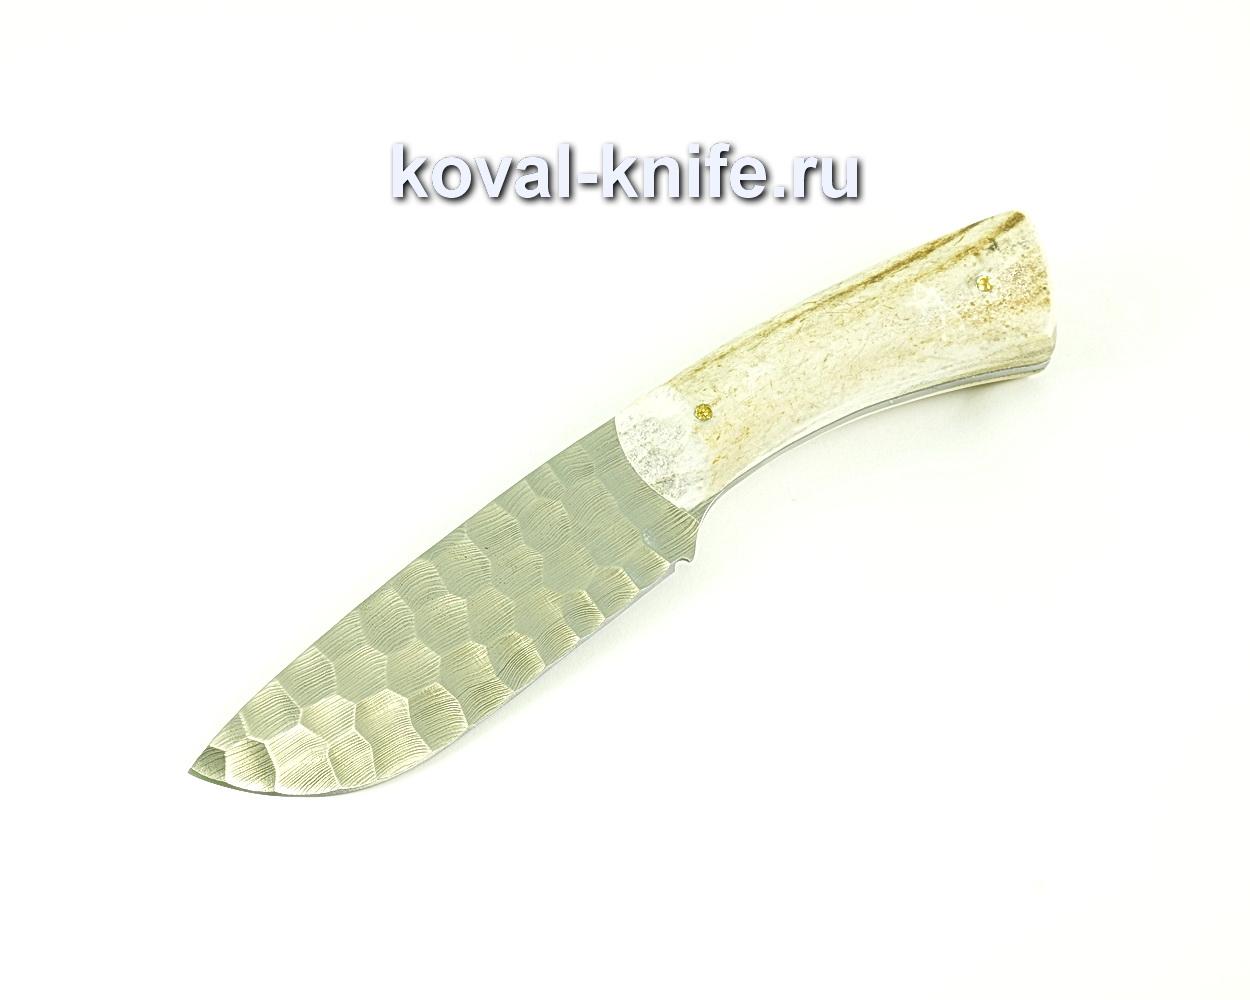 Нож Барс (сталь дамасская), рукоять рог лося A085